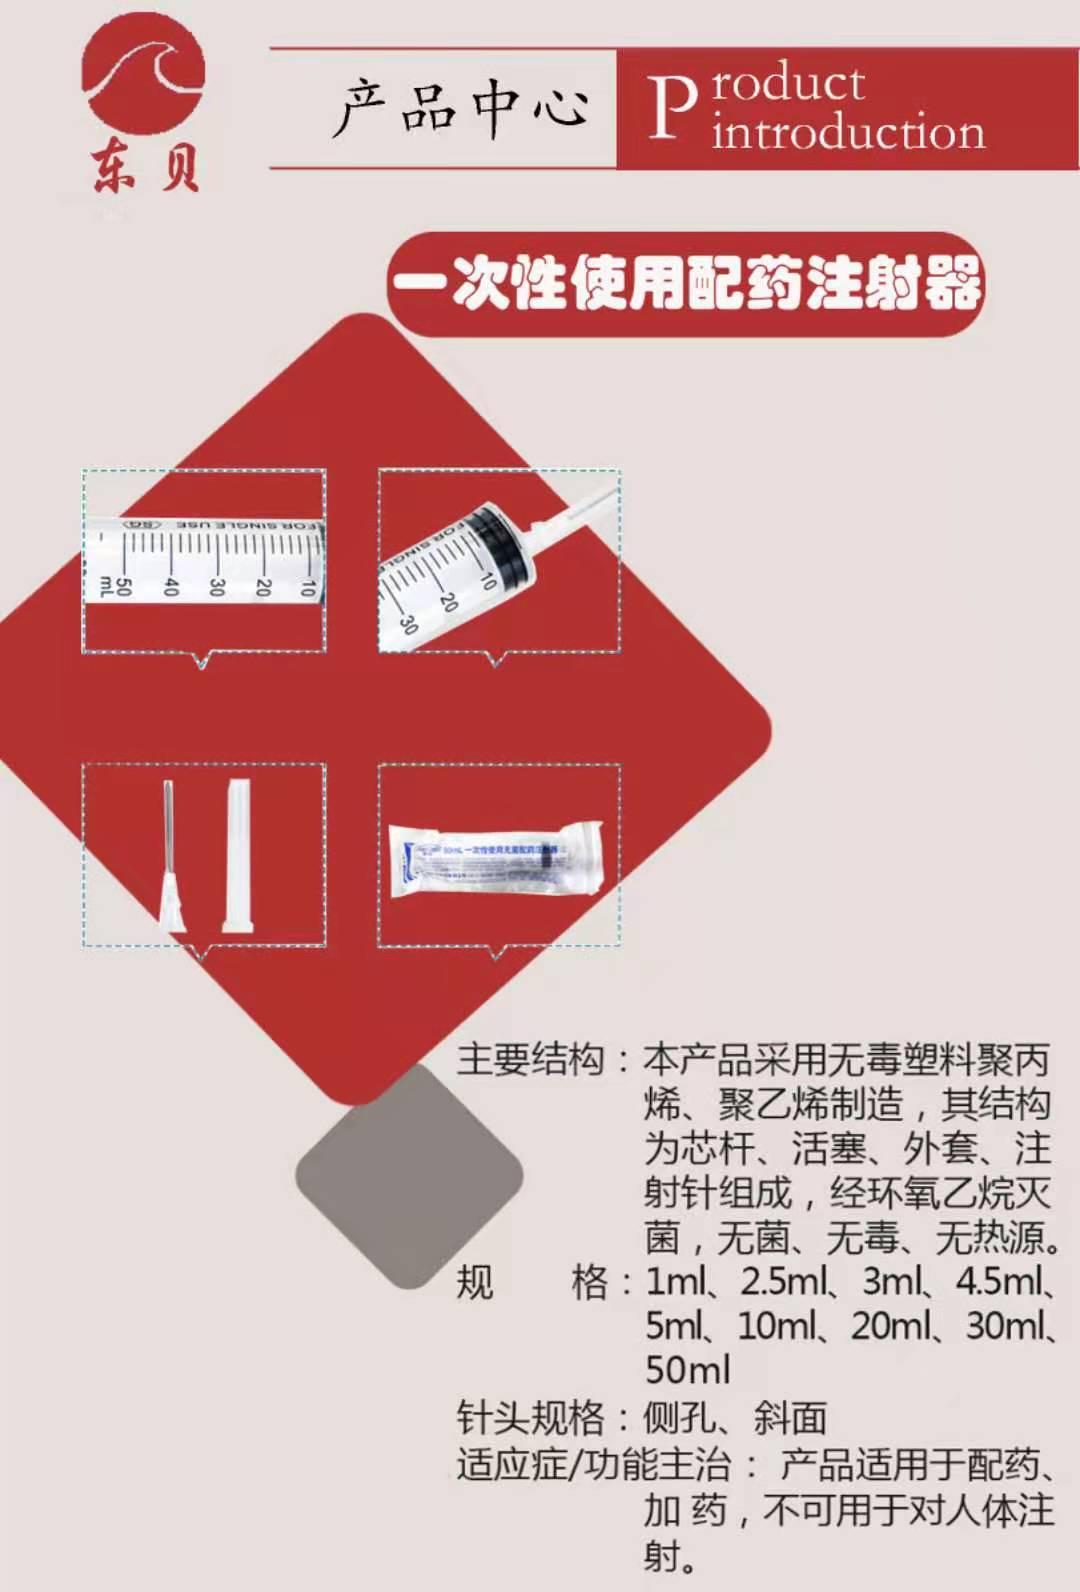 一次性使用配藥注射器(針管)廠家招代理多地中標